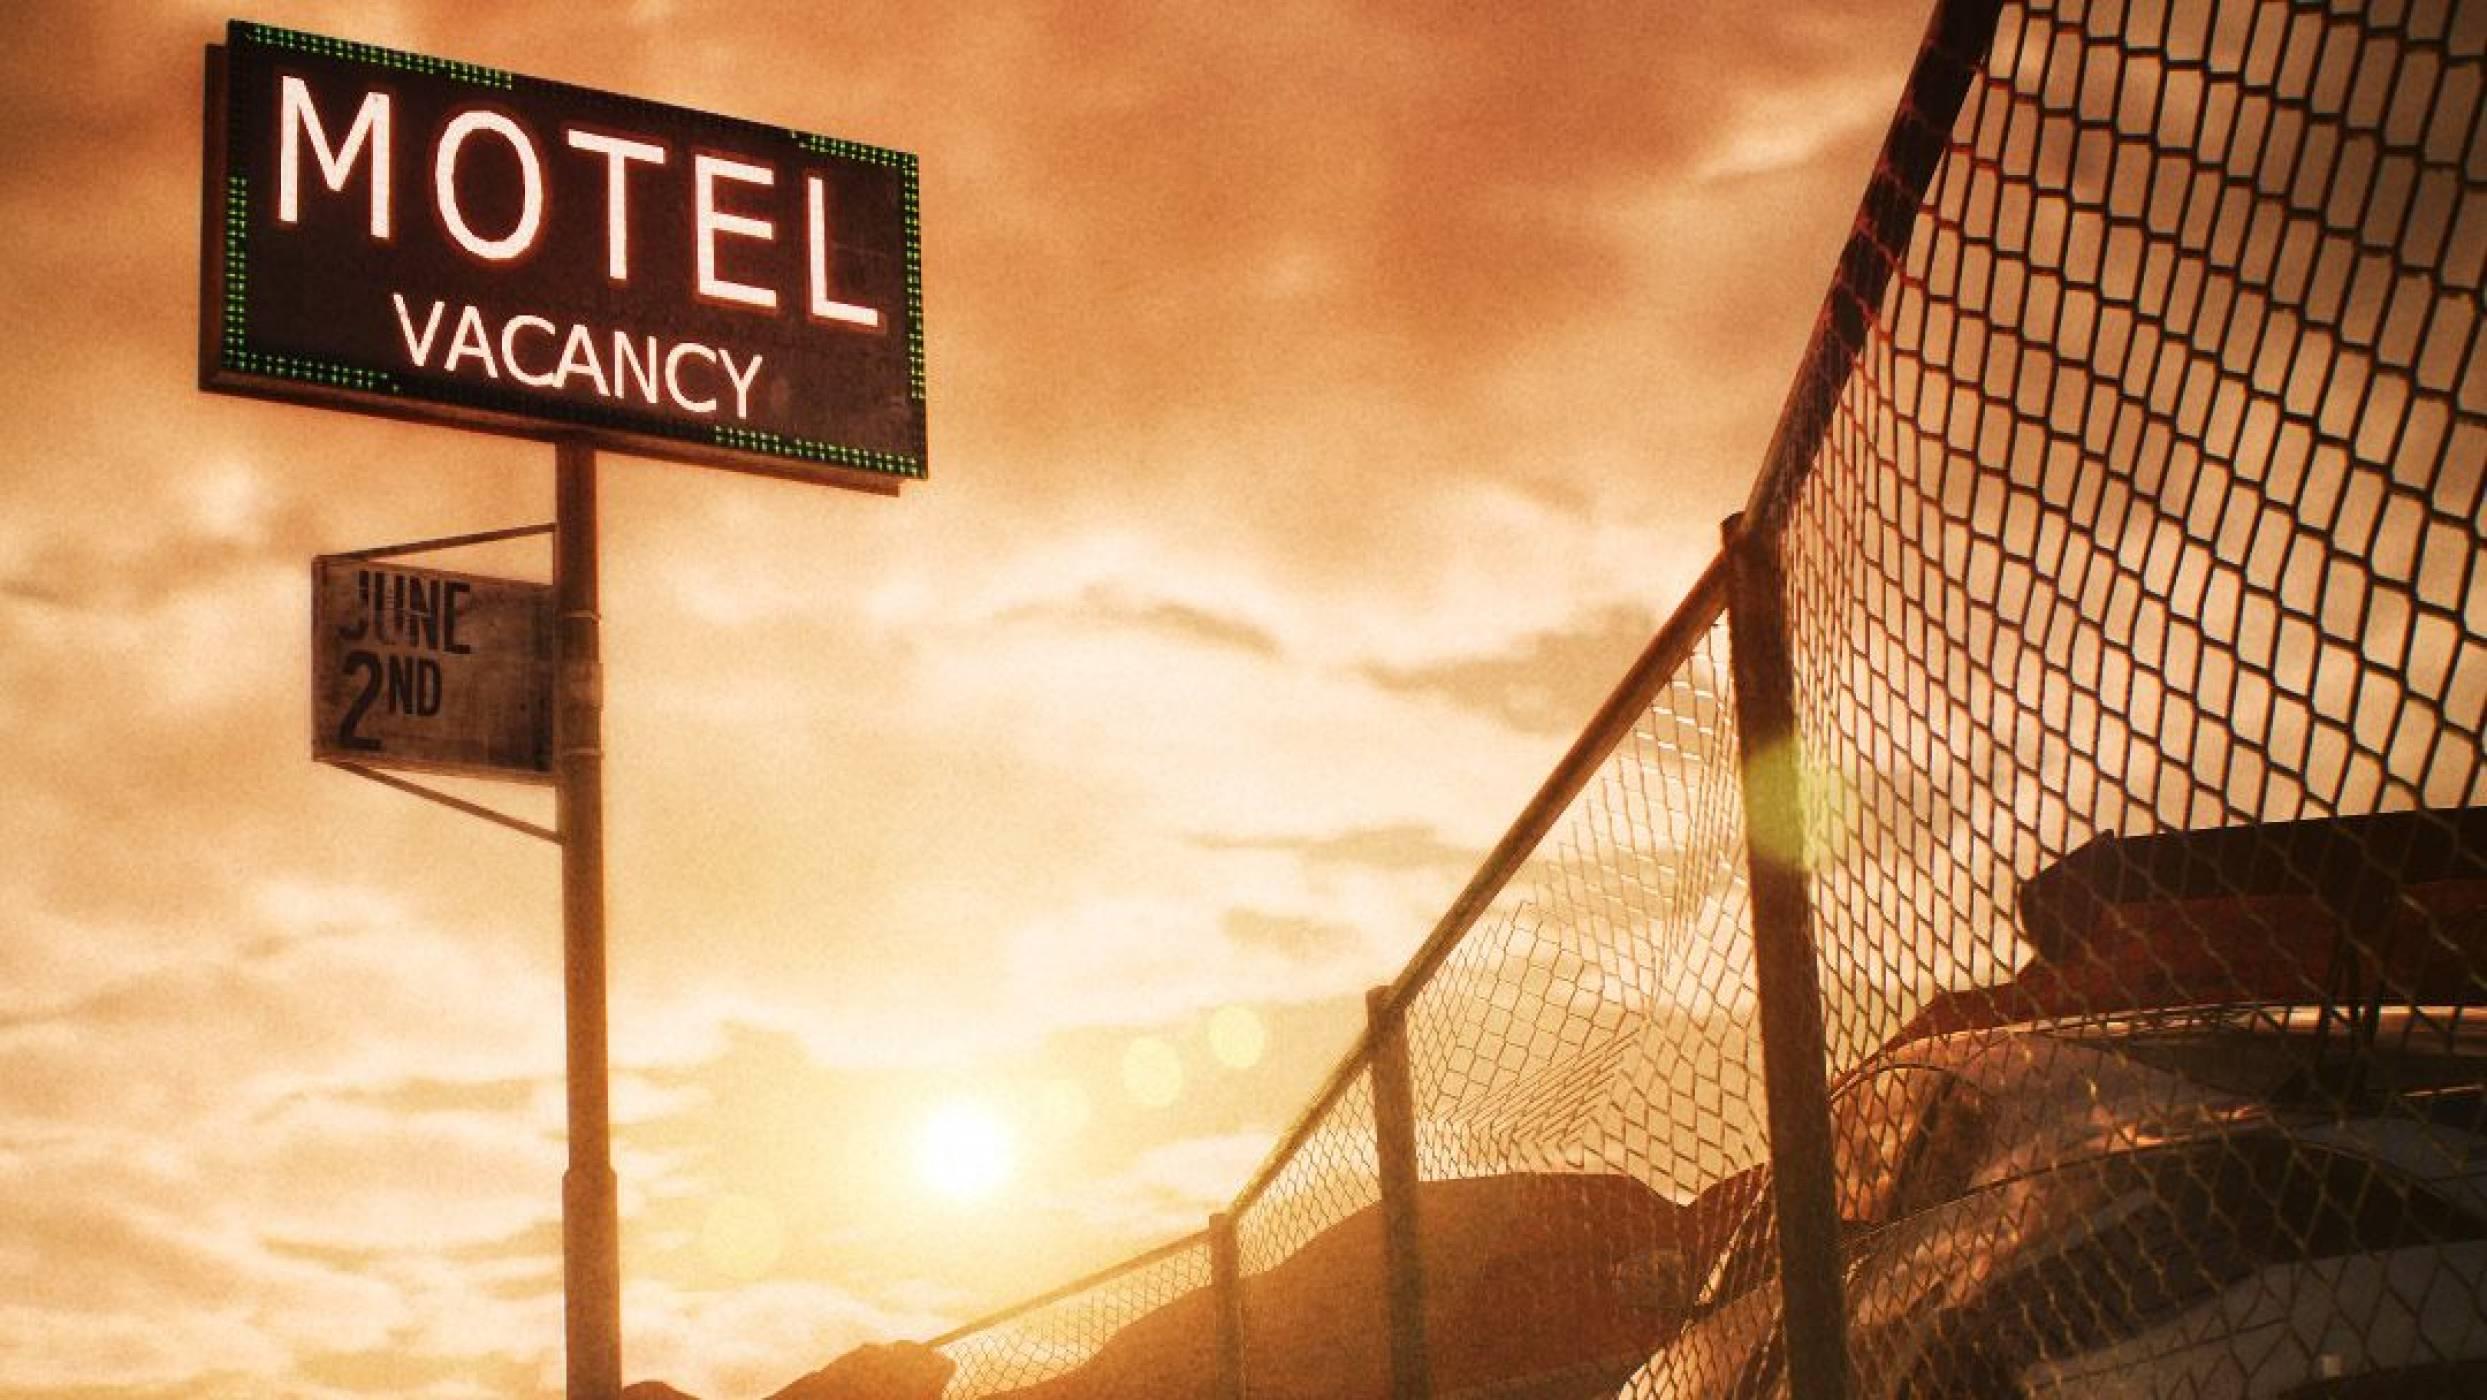 Тази есен ще има нова Need for Speed игра и тя не изисква интернет връзка